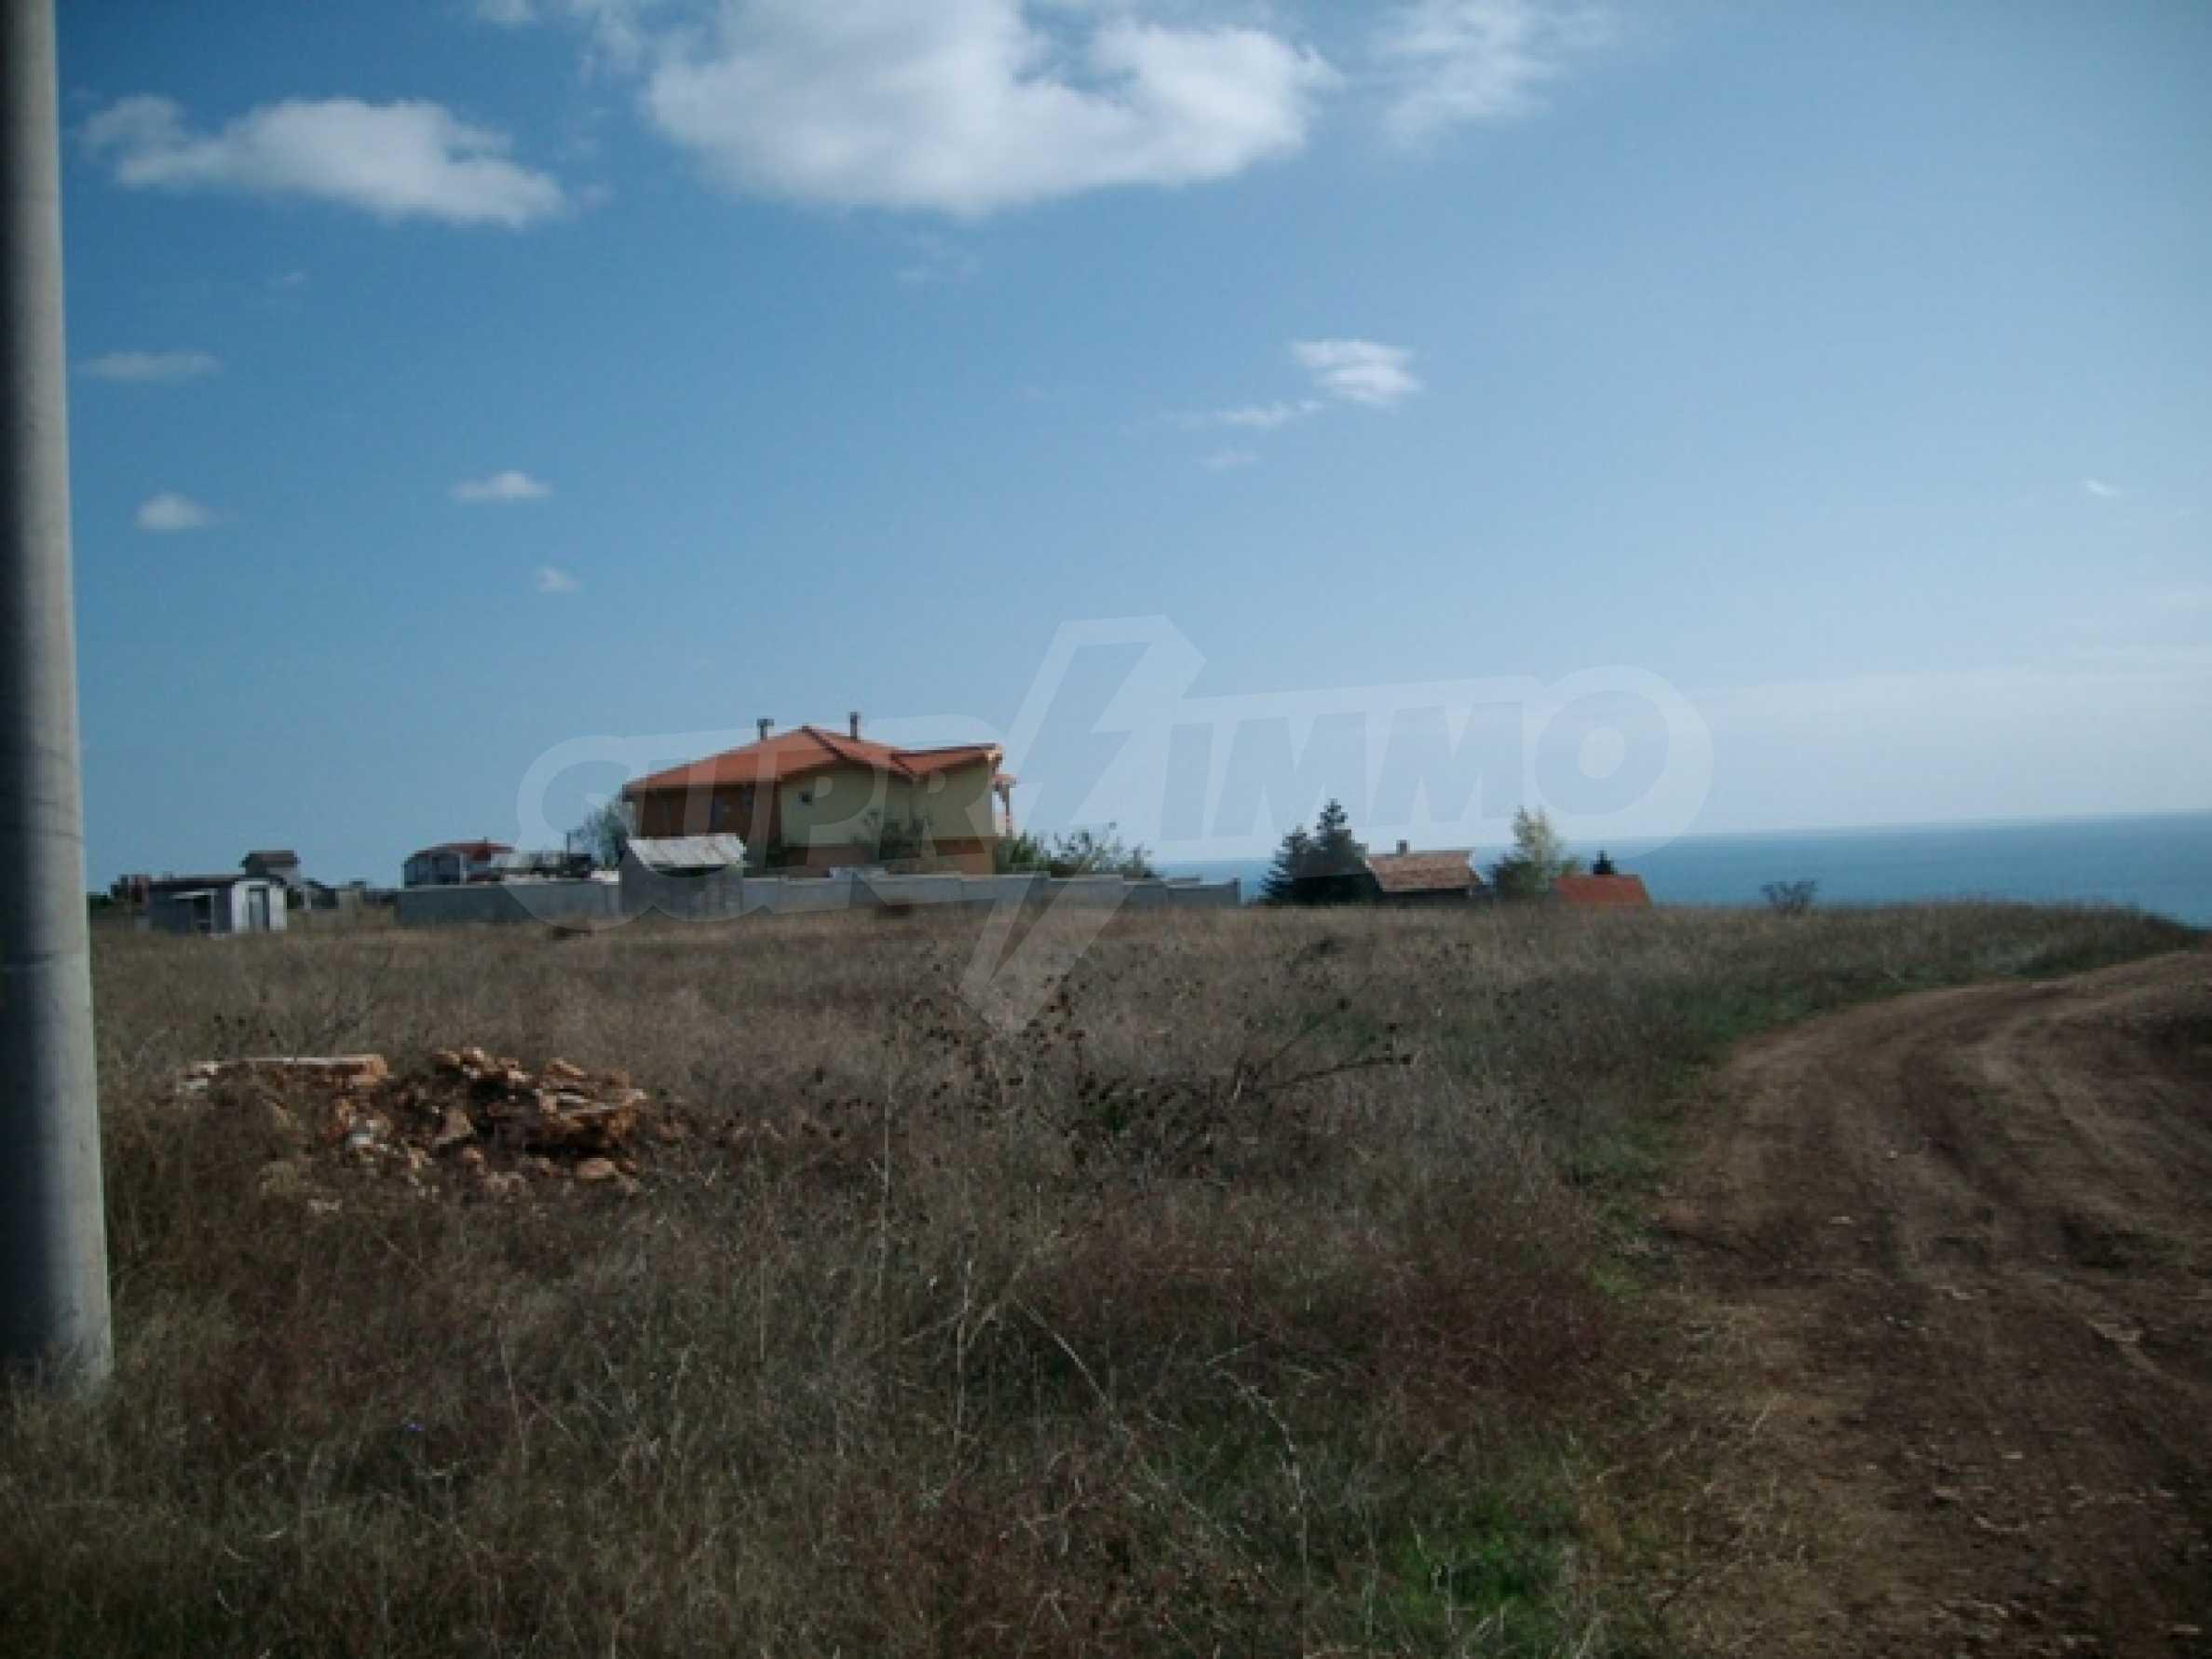 Участок земли под застройку, село Топола